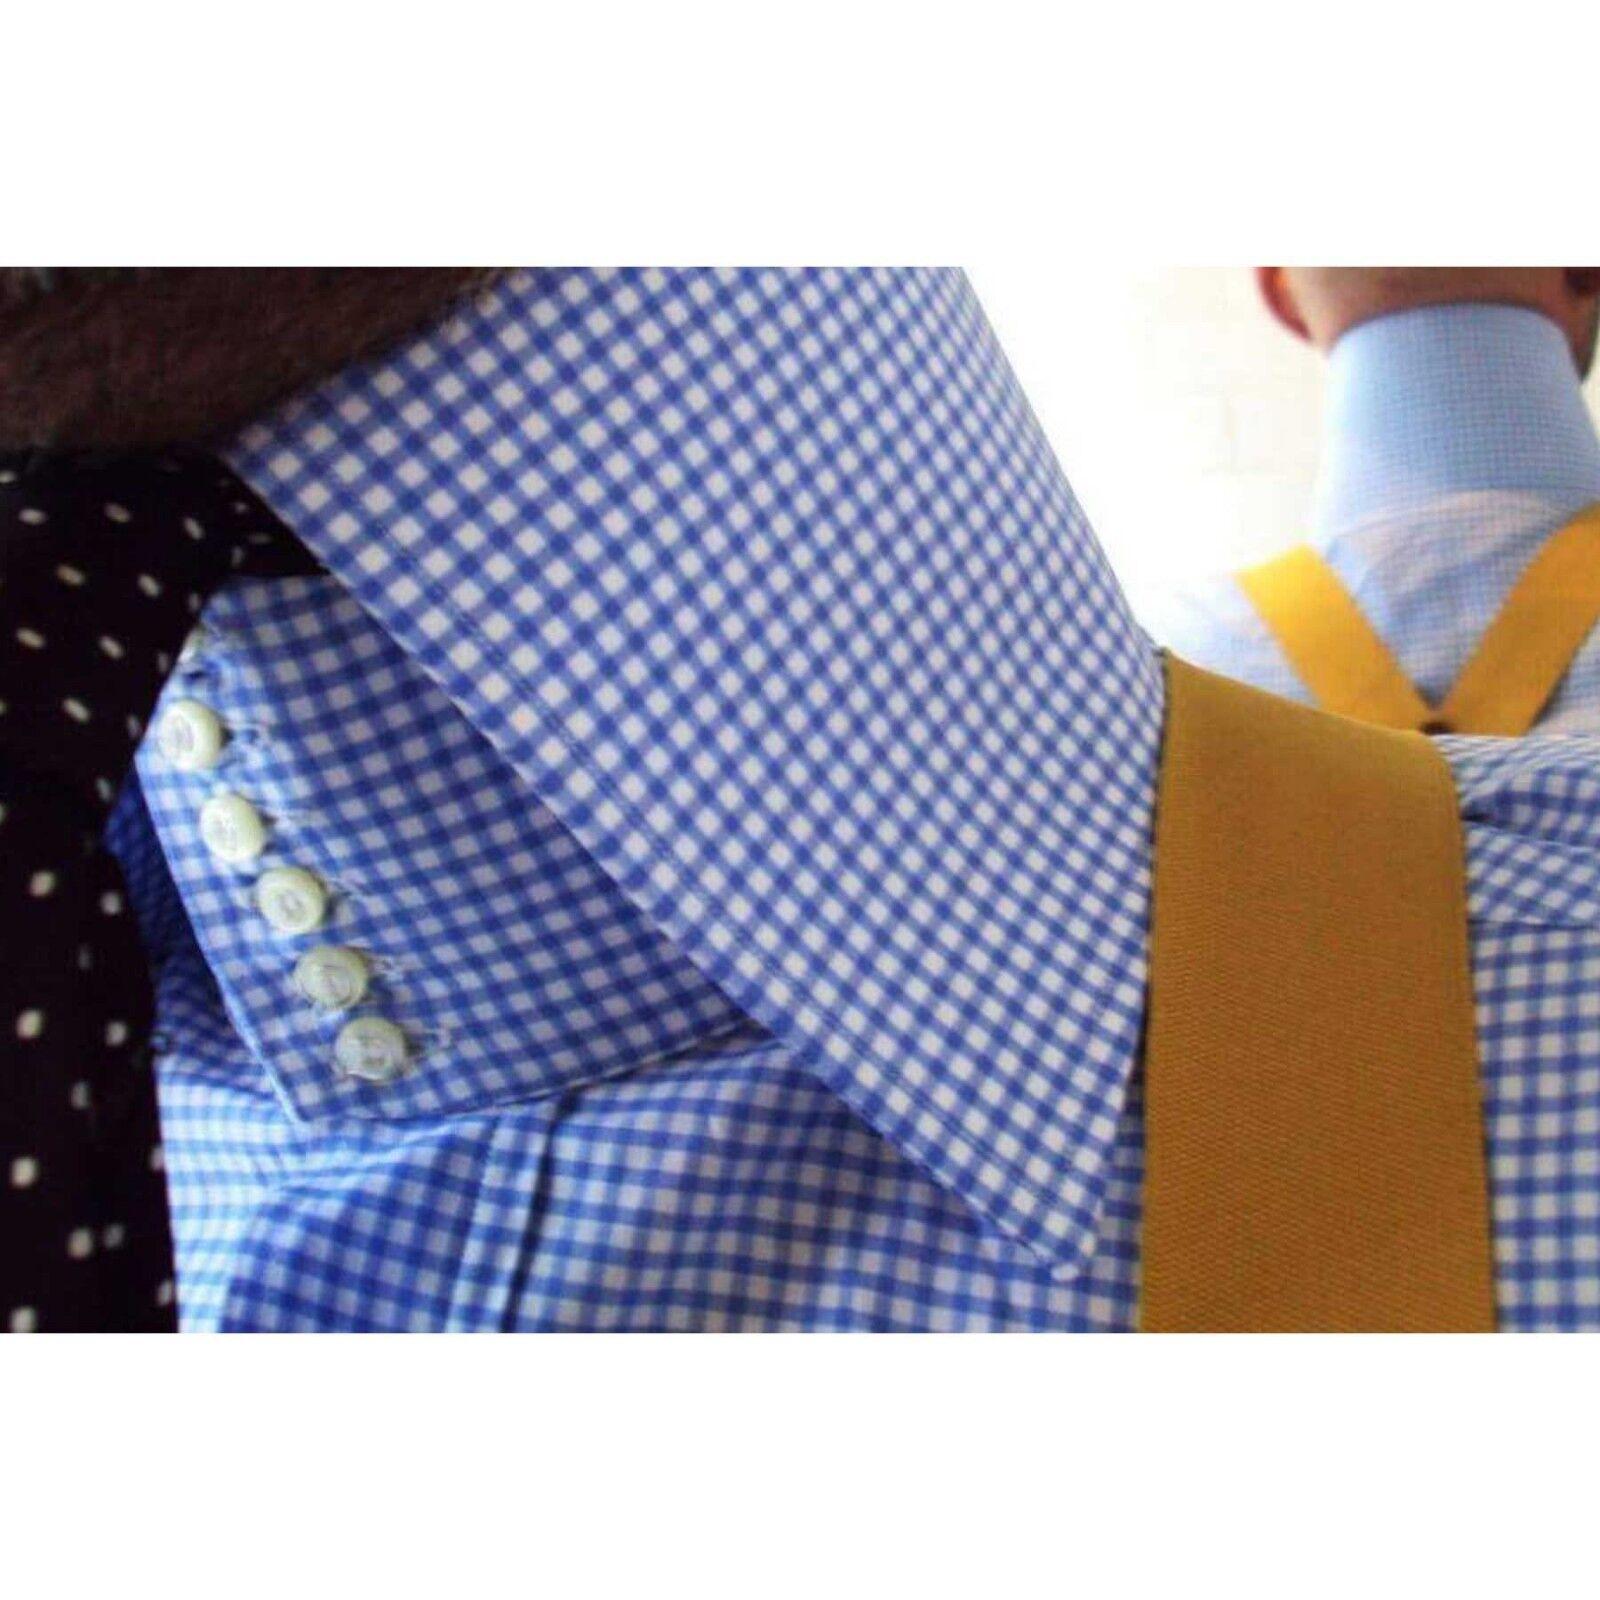 Camicie Camicie Camicie da uomo collo alto blu GINGHAM controlli più pulsanti 100% COTONE Gents 9f97a7